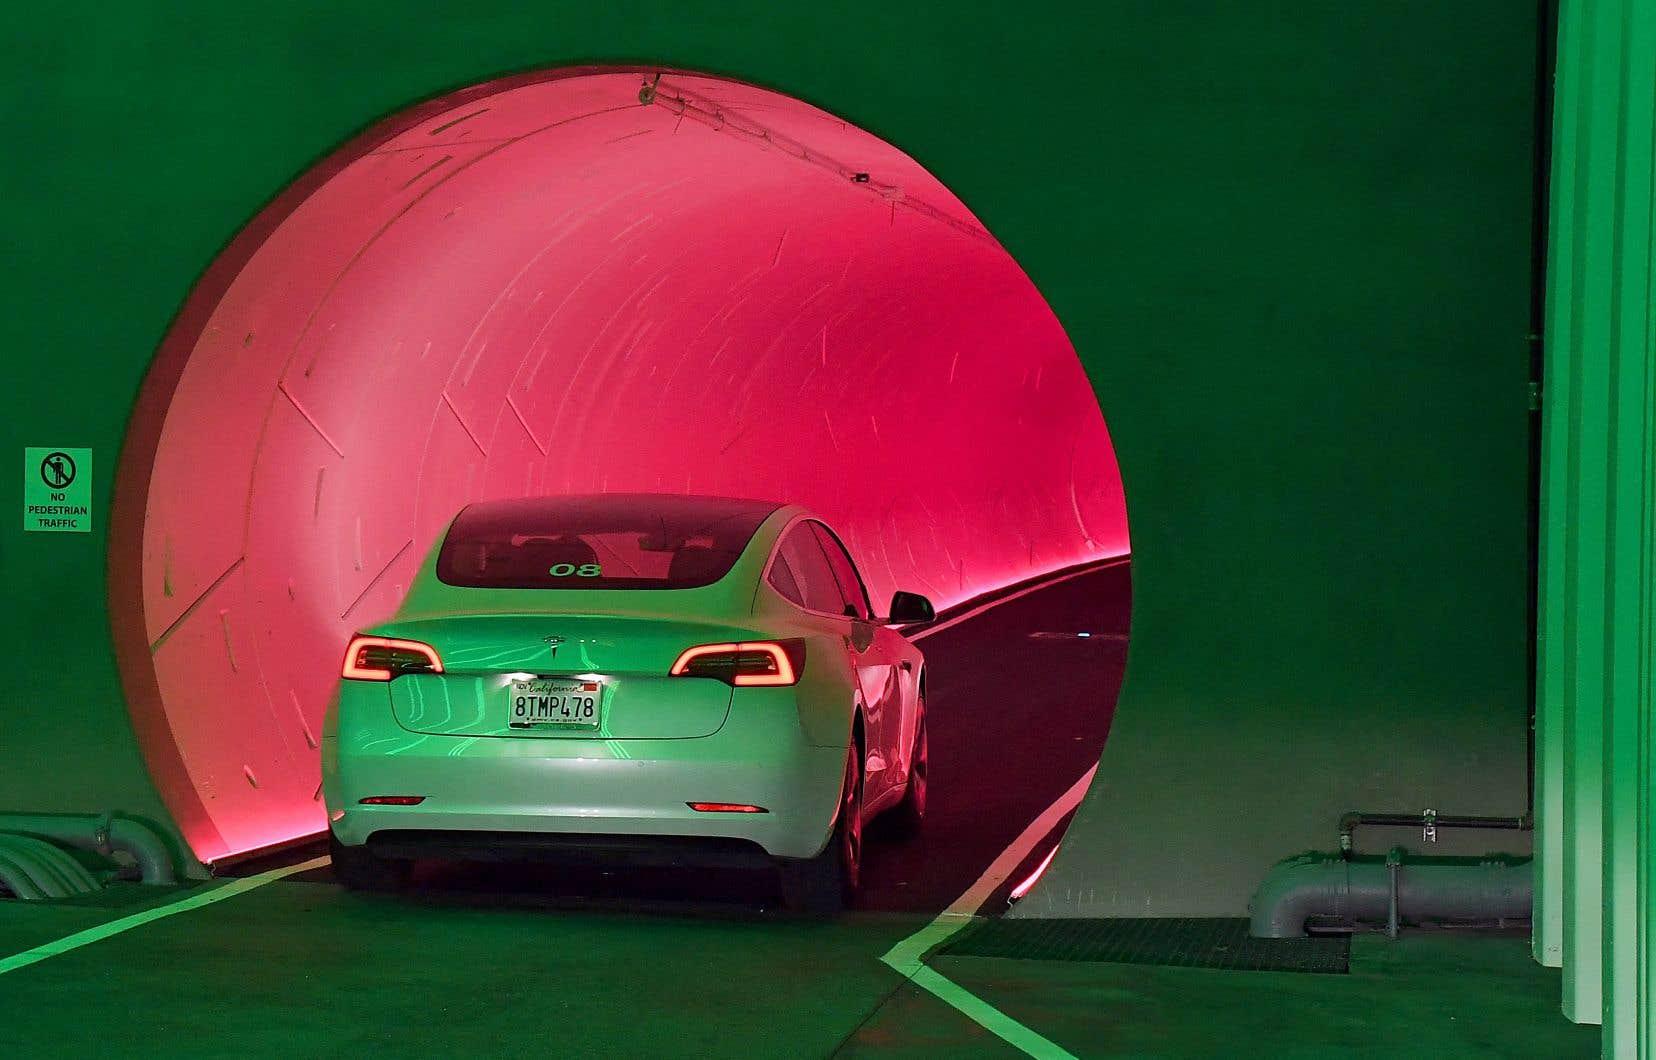 La pile des véhicules électriques compatibles avec la recharge bidirectionnelle est mise à profit par Dcbel: elle peut alimenter la plupart des appareils électriques d'une maison normale pour 24 heures, et avoir encore assez de jus pour démarrer.